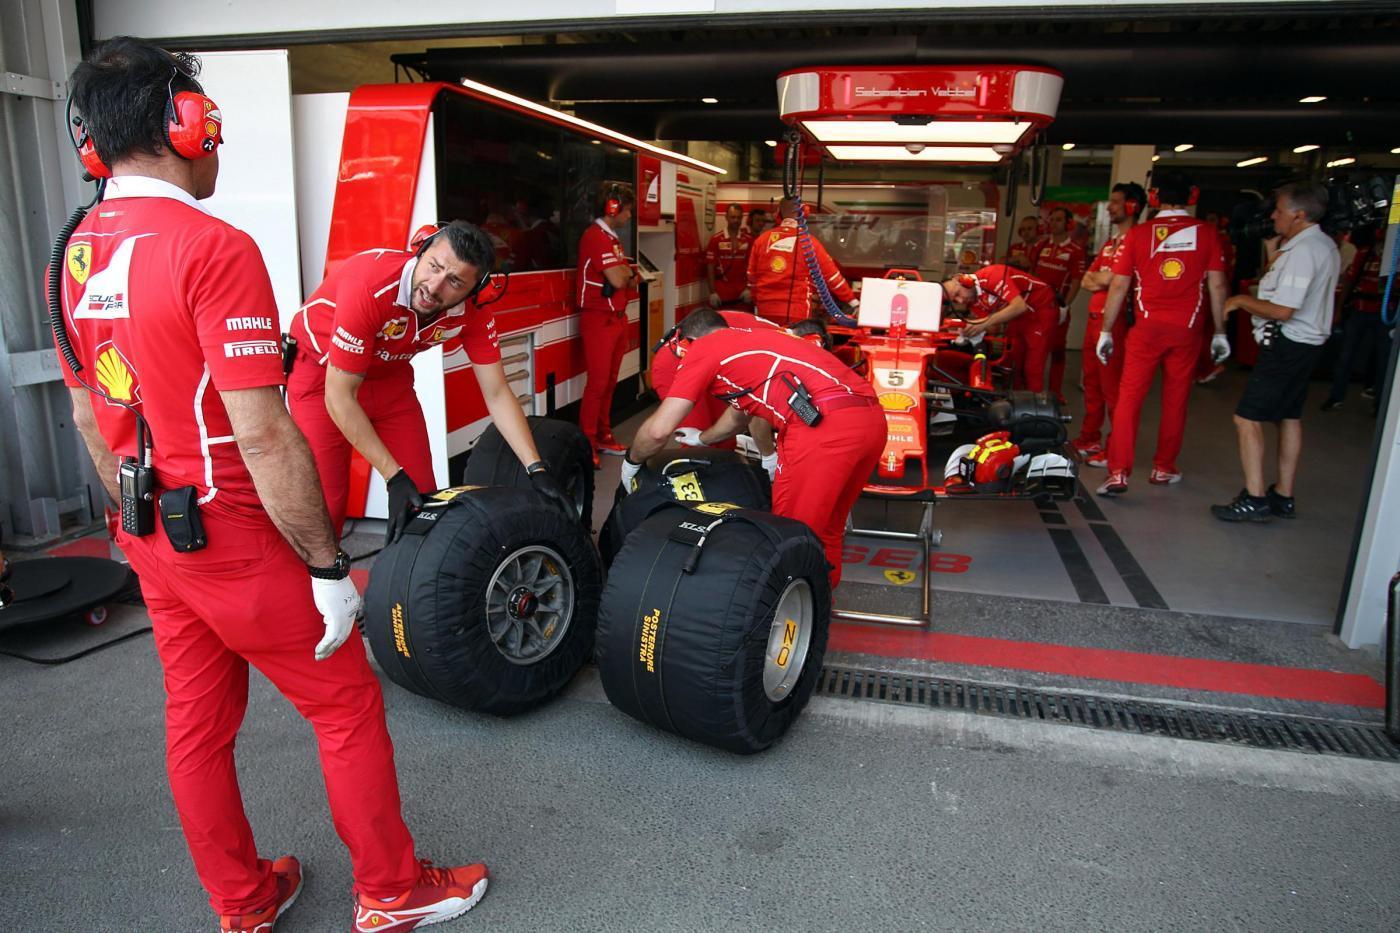 Altro exploit di Verstappen nelle libere 2 del GP di Azerbaigian, ma la Ferrari ha impressionato sul passo gara. A Baku l'olandese della Red Bull è stato un fulmine con la configurazione da qualifica (1:43.362) e ha tenuto dietro Bottas (+0.100) e Ricciardo (+0.111). A seguire Raikkonen e Vettel che però in ottica gara sono stati i più veloci. Venerdì disastroso per Hamilton (10°) con moltissimi problemi d'assetto.